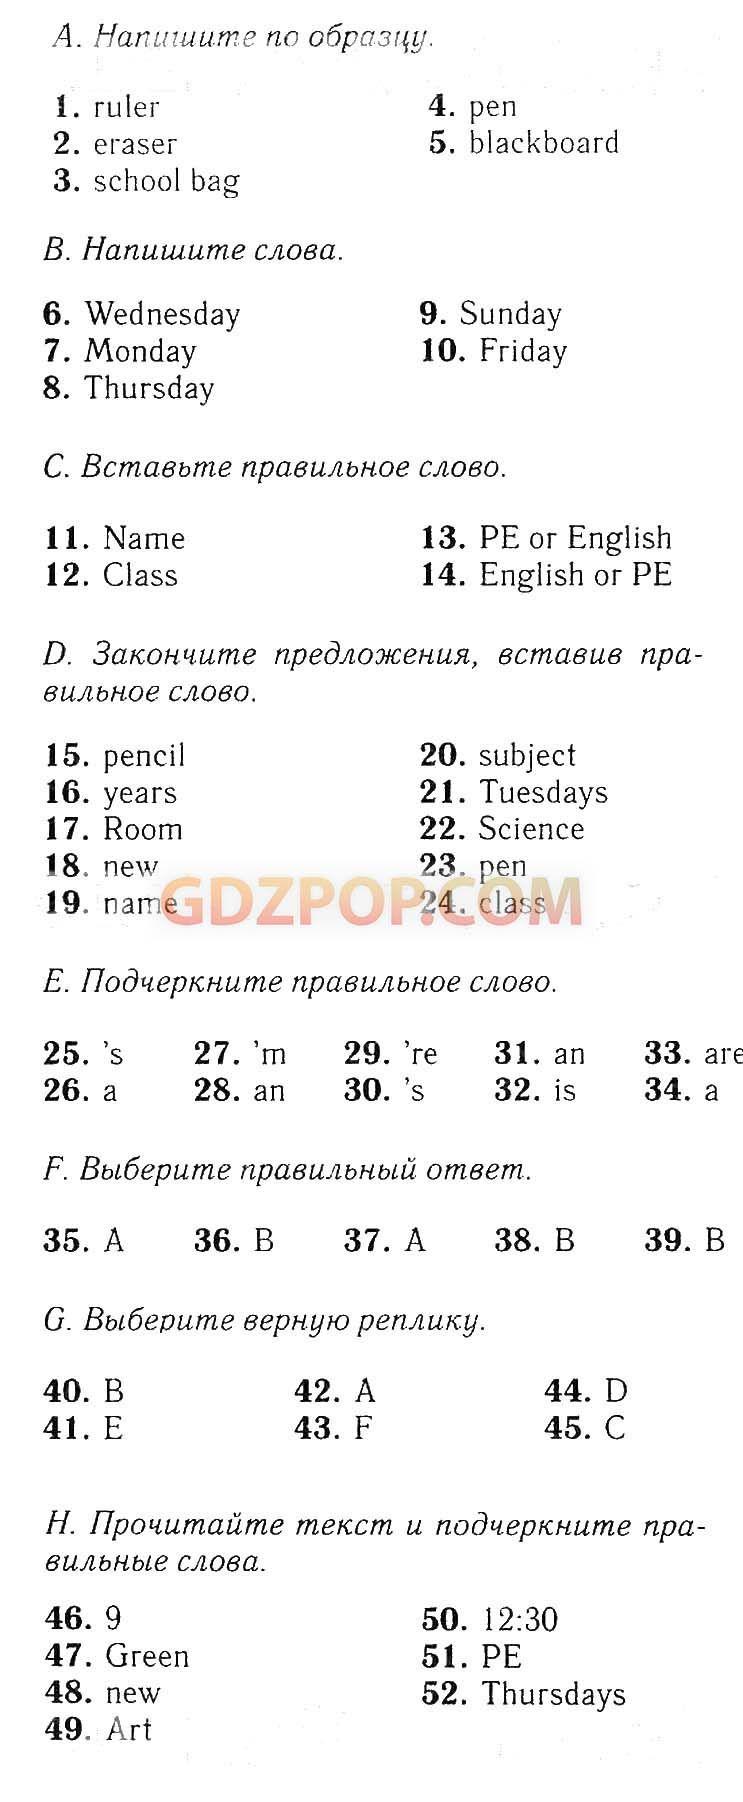 Задания по русскому языку 5 класс номер316 львов